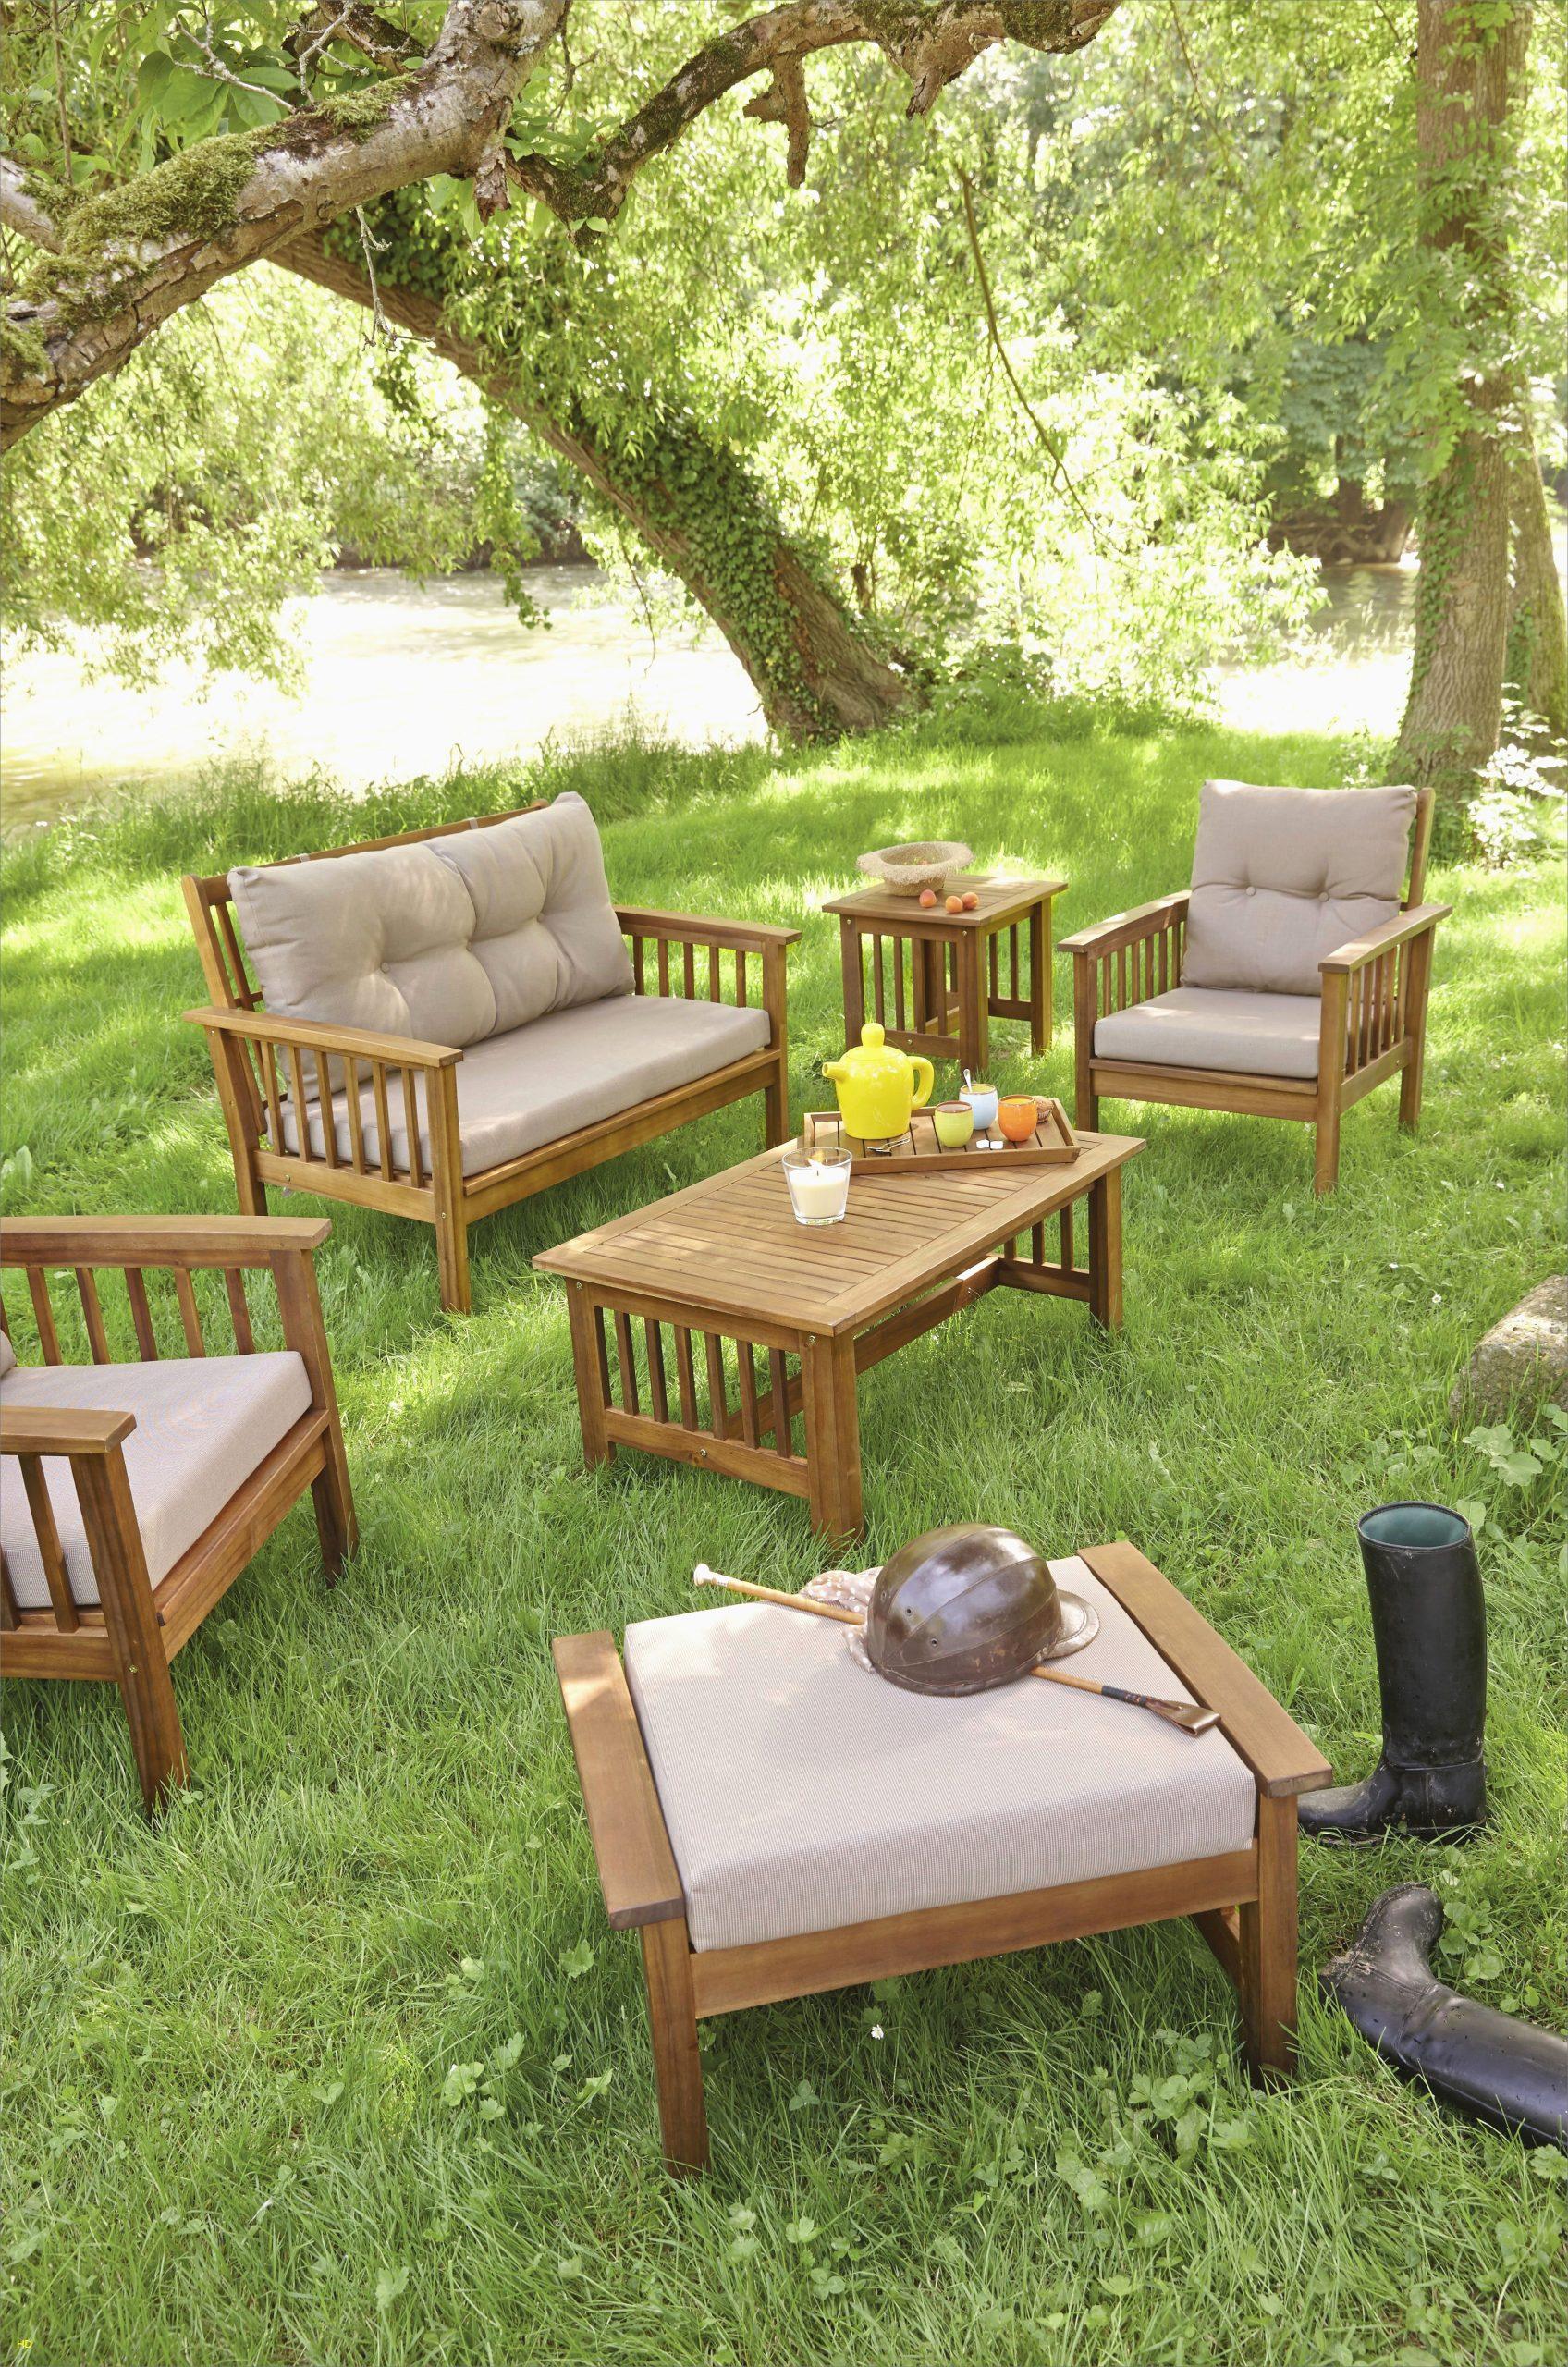 Salon De Jardin Résine Tressée Encastrable Leclerc Rare ... destiné Salon De Jardin Résine Tressée Carrefour